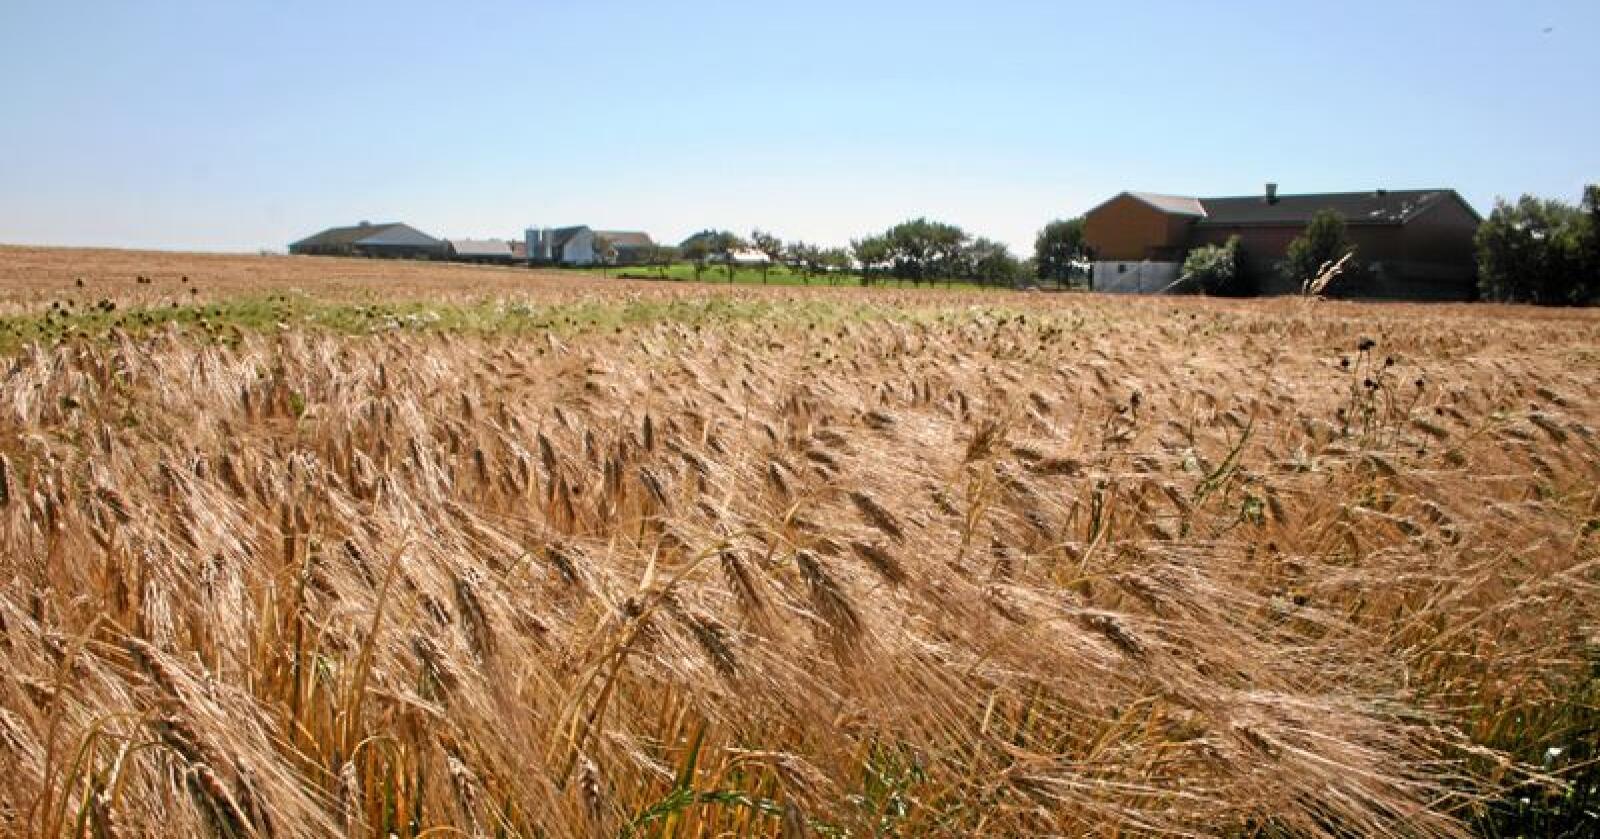 De siste 30 årene er det bare jordbruksoppgjørene i 2008 og 2013 som har lagt til grunn høyere kornprisøkninger enn i år, skriver Sigrid Hjørnegård. Foto: Bjarne Bekkeheien Aase